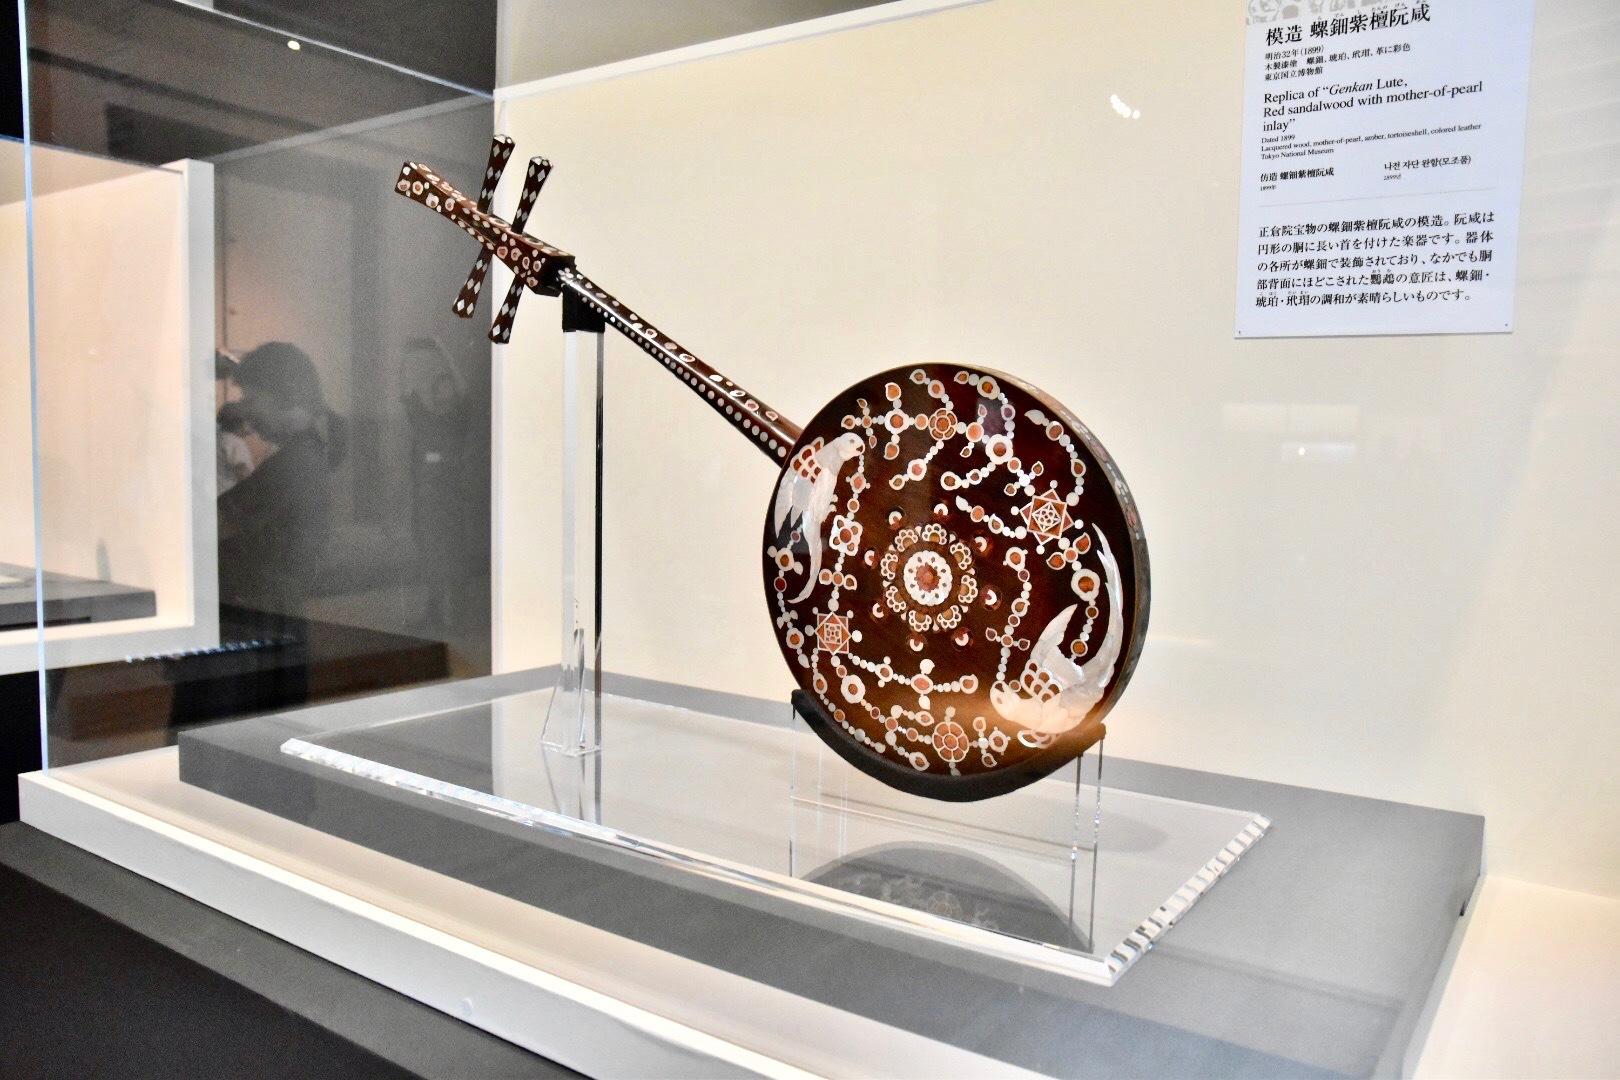 《模造 螺鈿紫檀阮咸》 明治32年(1899) 東京国立博物館蔵 通期展示